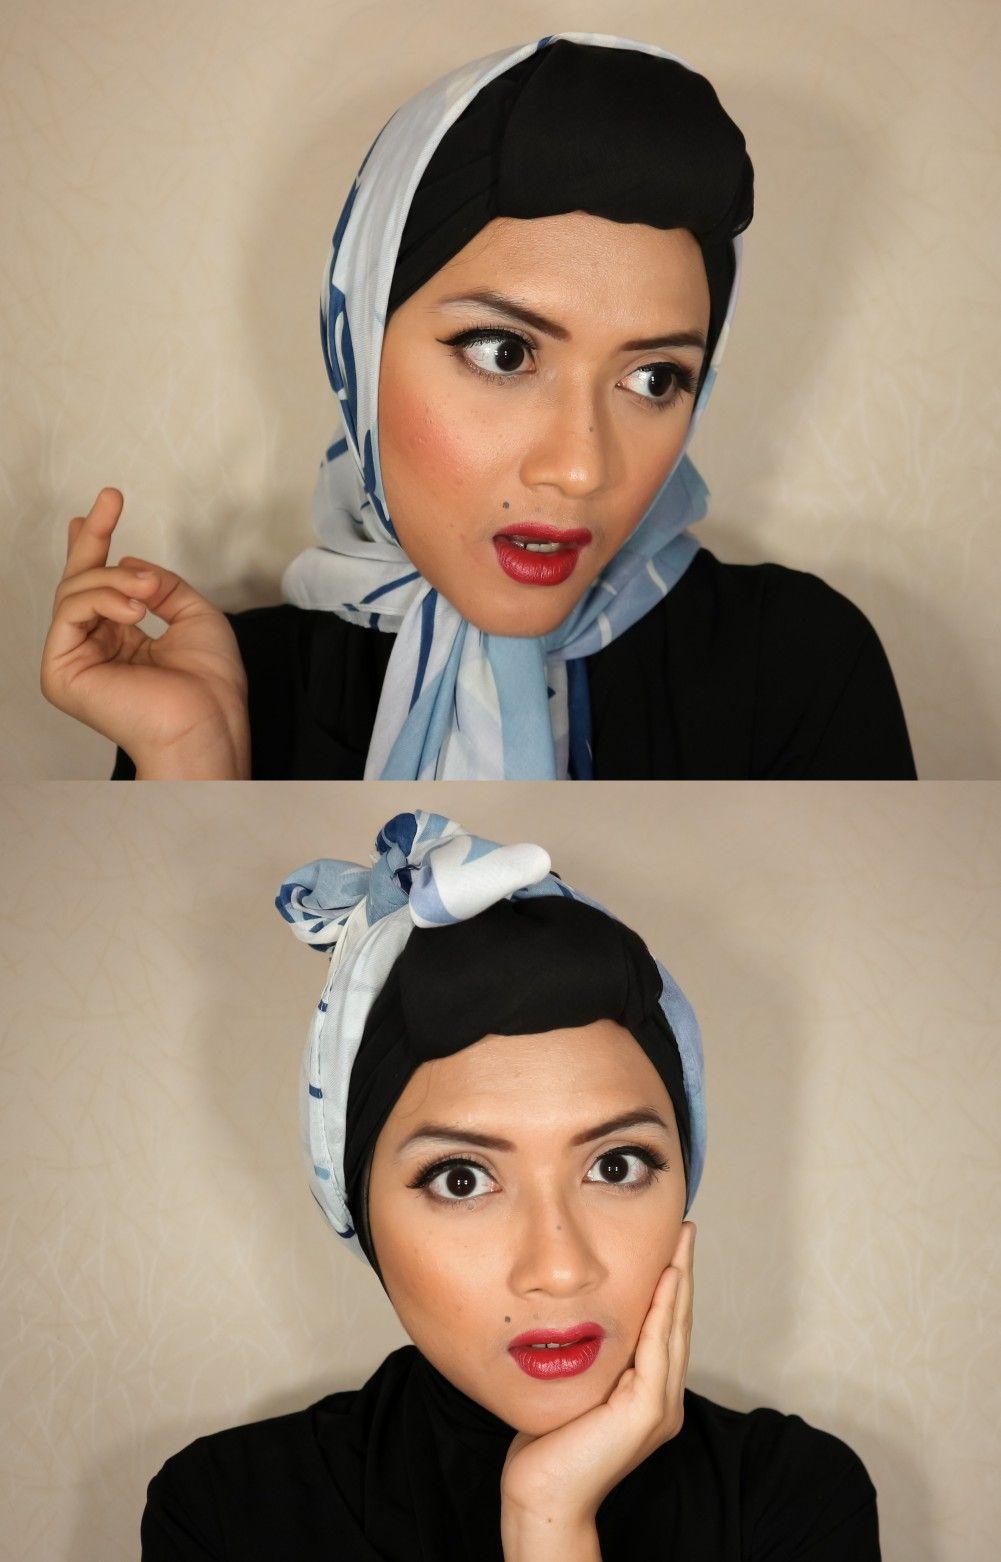 Retro 1950s Make Up and Hijab Look makeup retromakeup